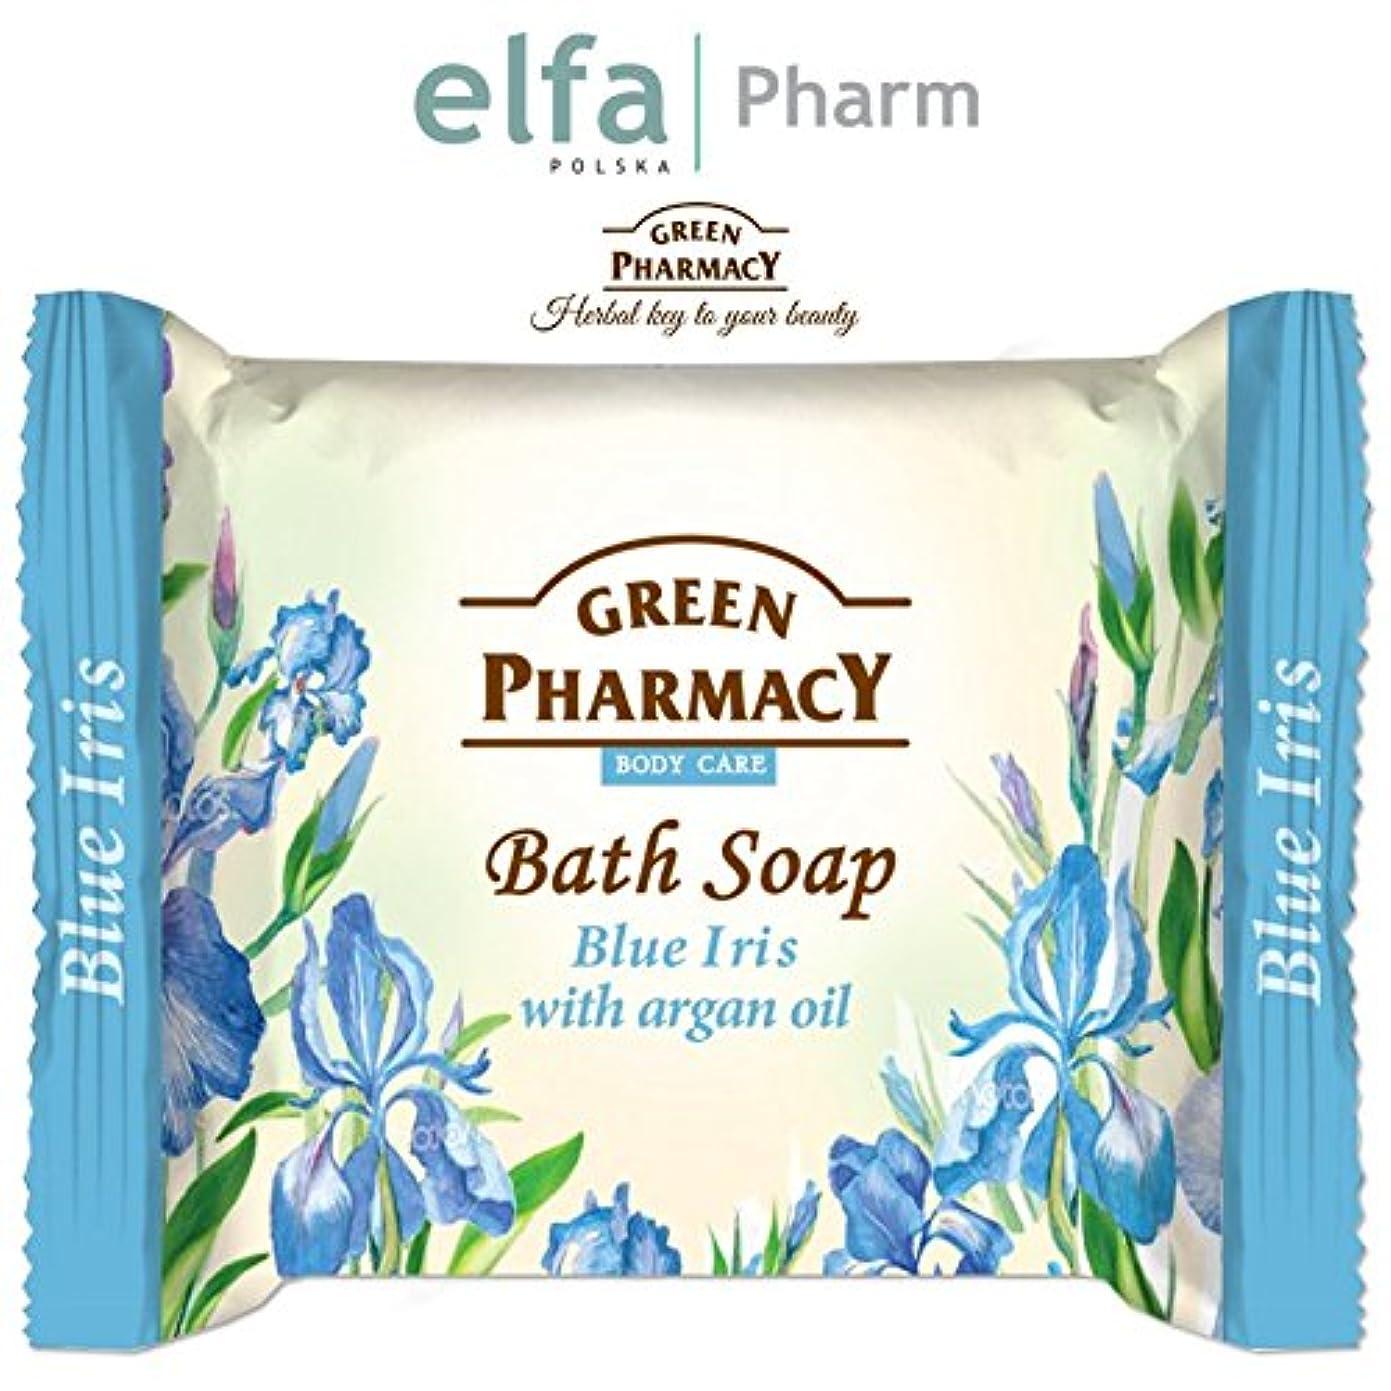 テレビを見るパラナ川取得する石鹸 固形 安心?安全 古代からのハーブの知識を生かして作られた固形せっけん ポーランドのグリーンファーマシー elfa Pharm Green Pharmacy Bath Soap Blue Iris with Argan...